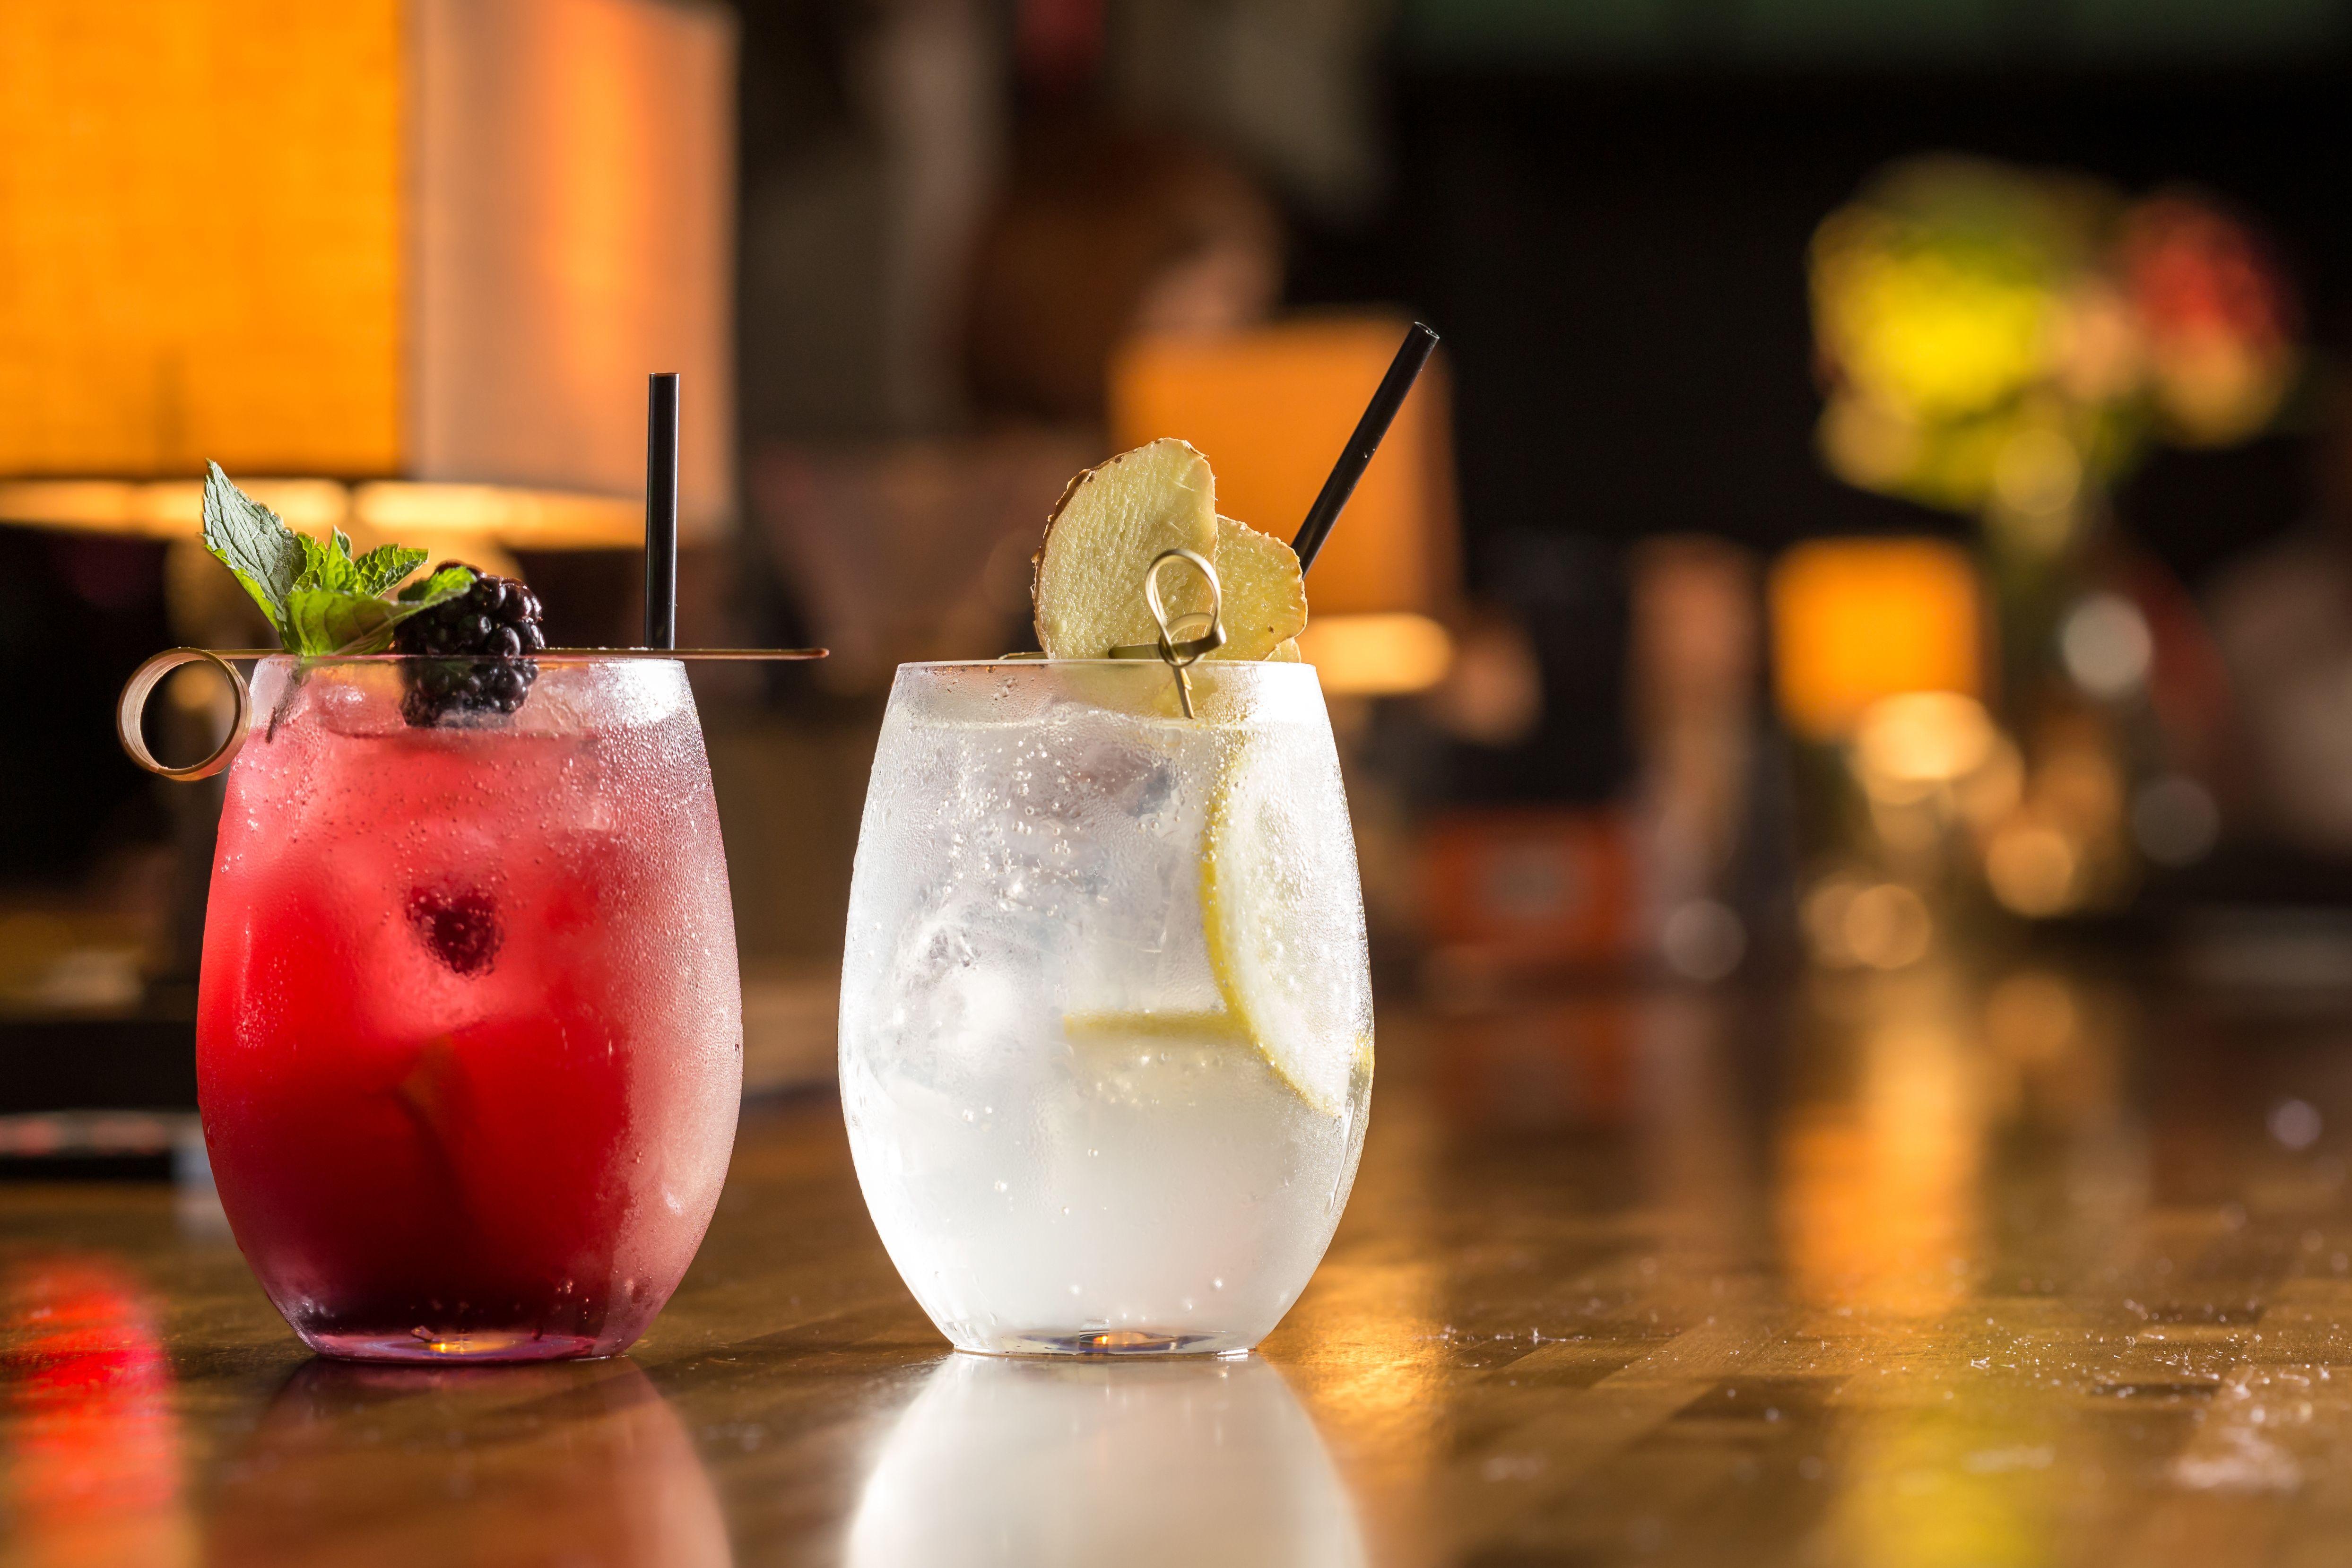 Copas y cócteles: Catálogo de Vélez 9 New Cocktail Club